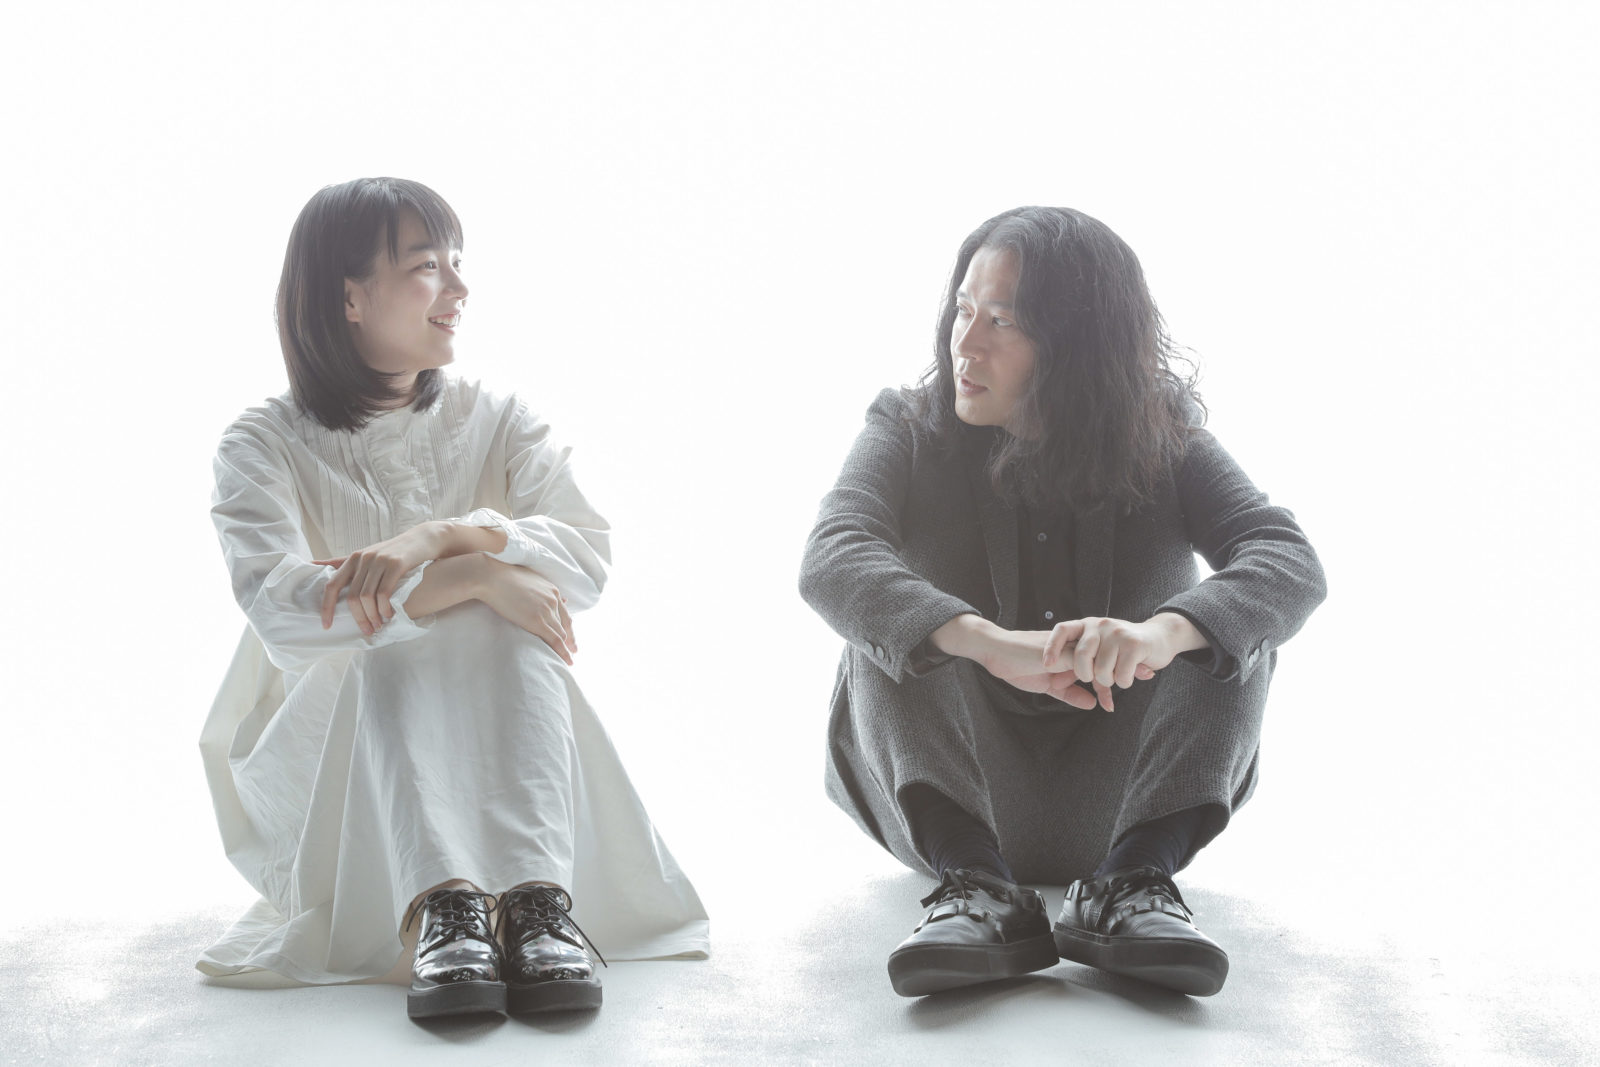 女優・のん、又吉直樹とのコラボ動画を公開「とても不思議な空気が…」サムネイル画像